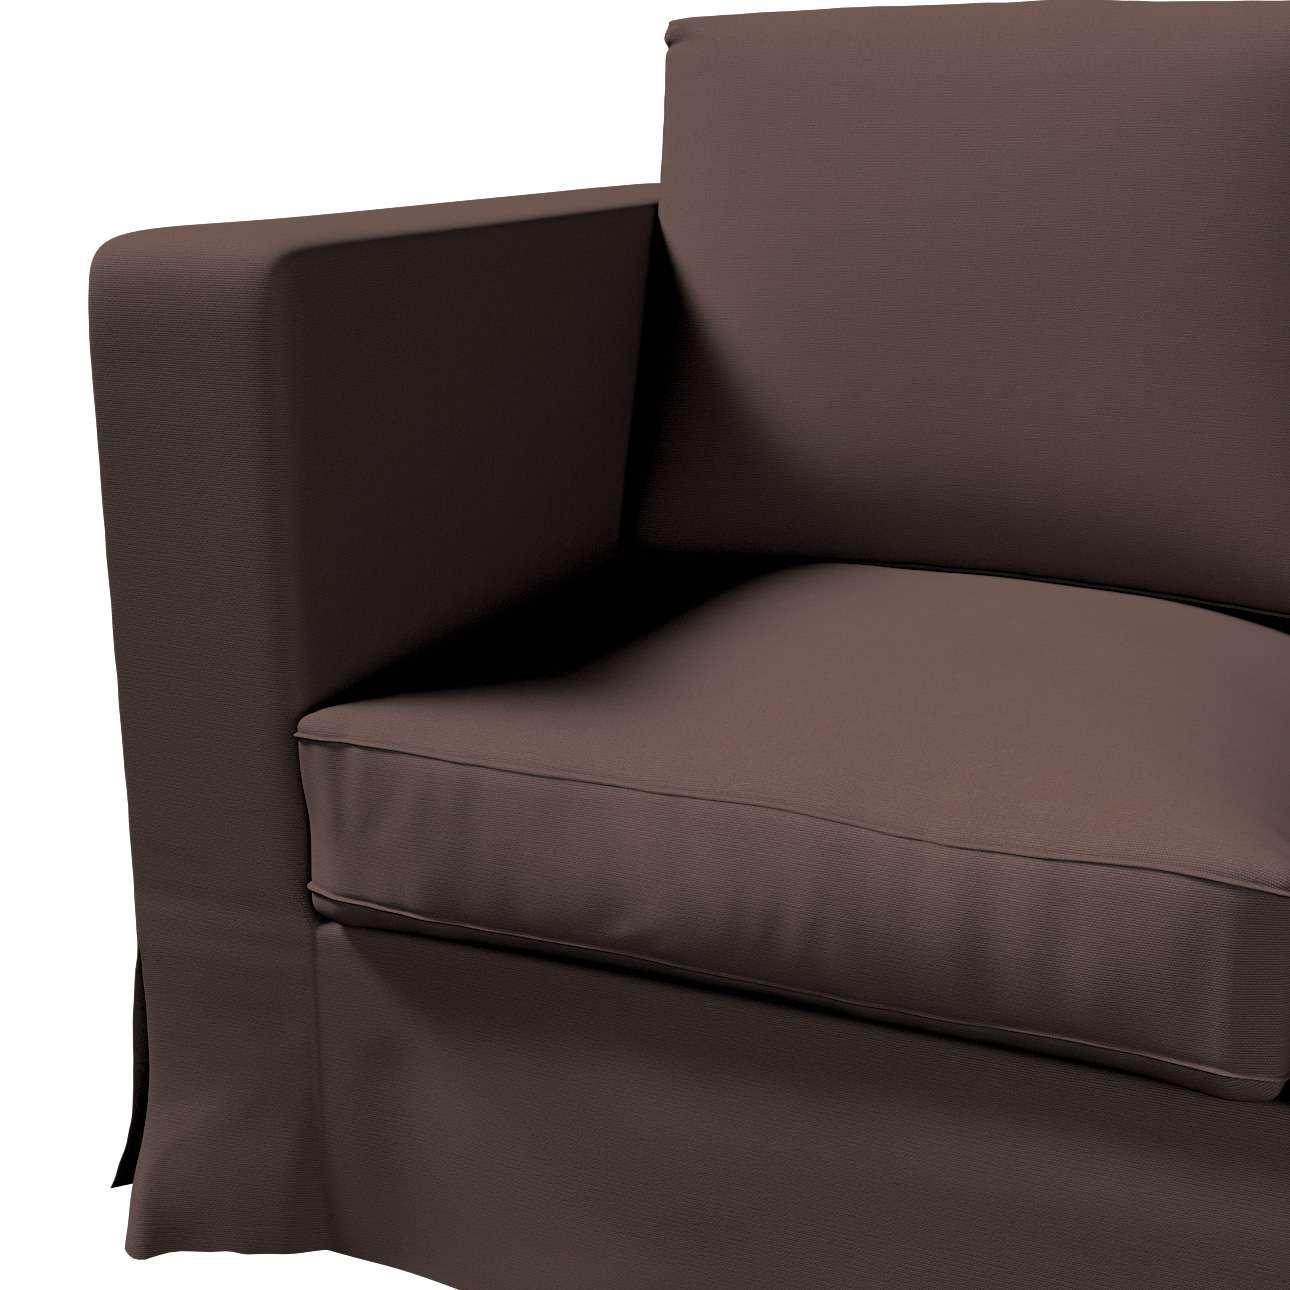 Pokrowiec na sofę Karlanda 3-osobową nierozkładaną, długi w kolekcji Cotton Panama, tkanina: 702-03